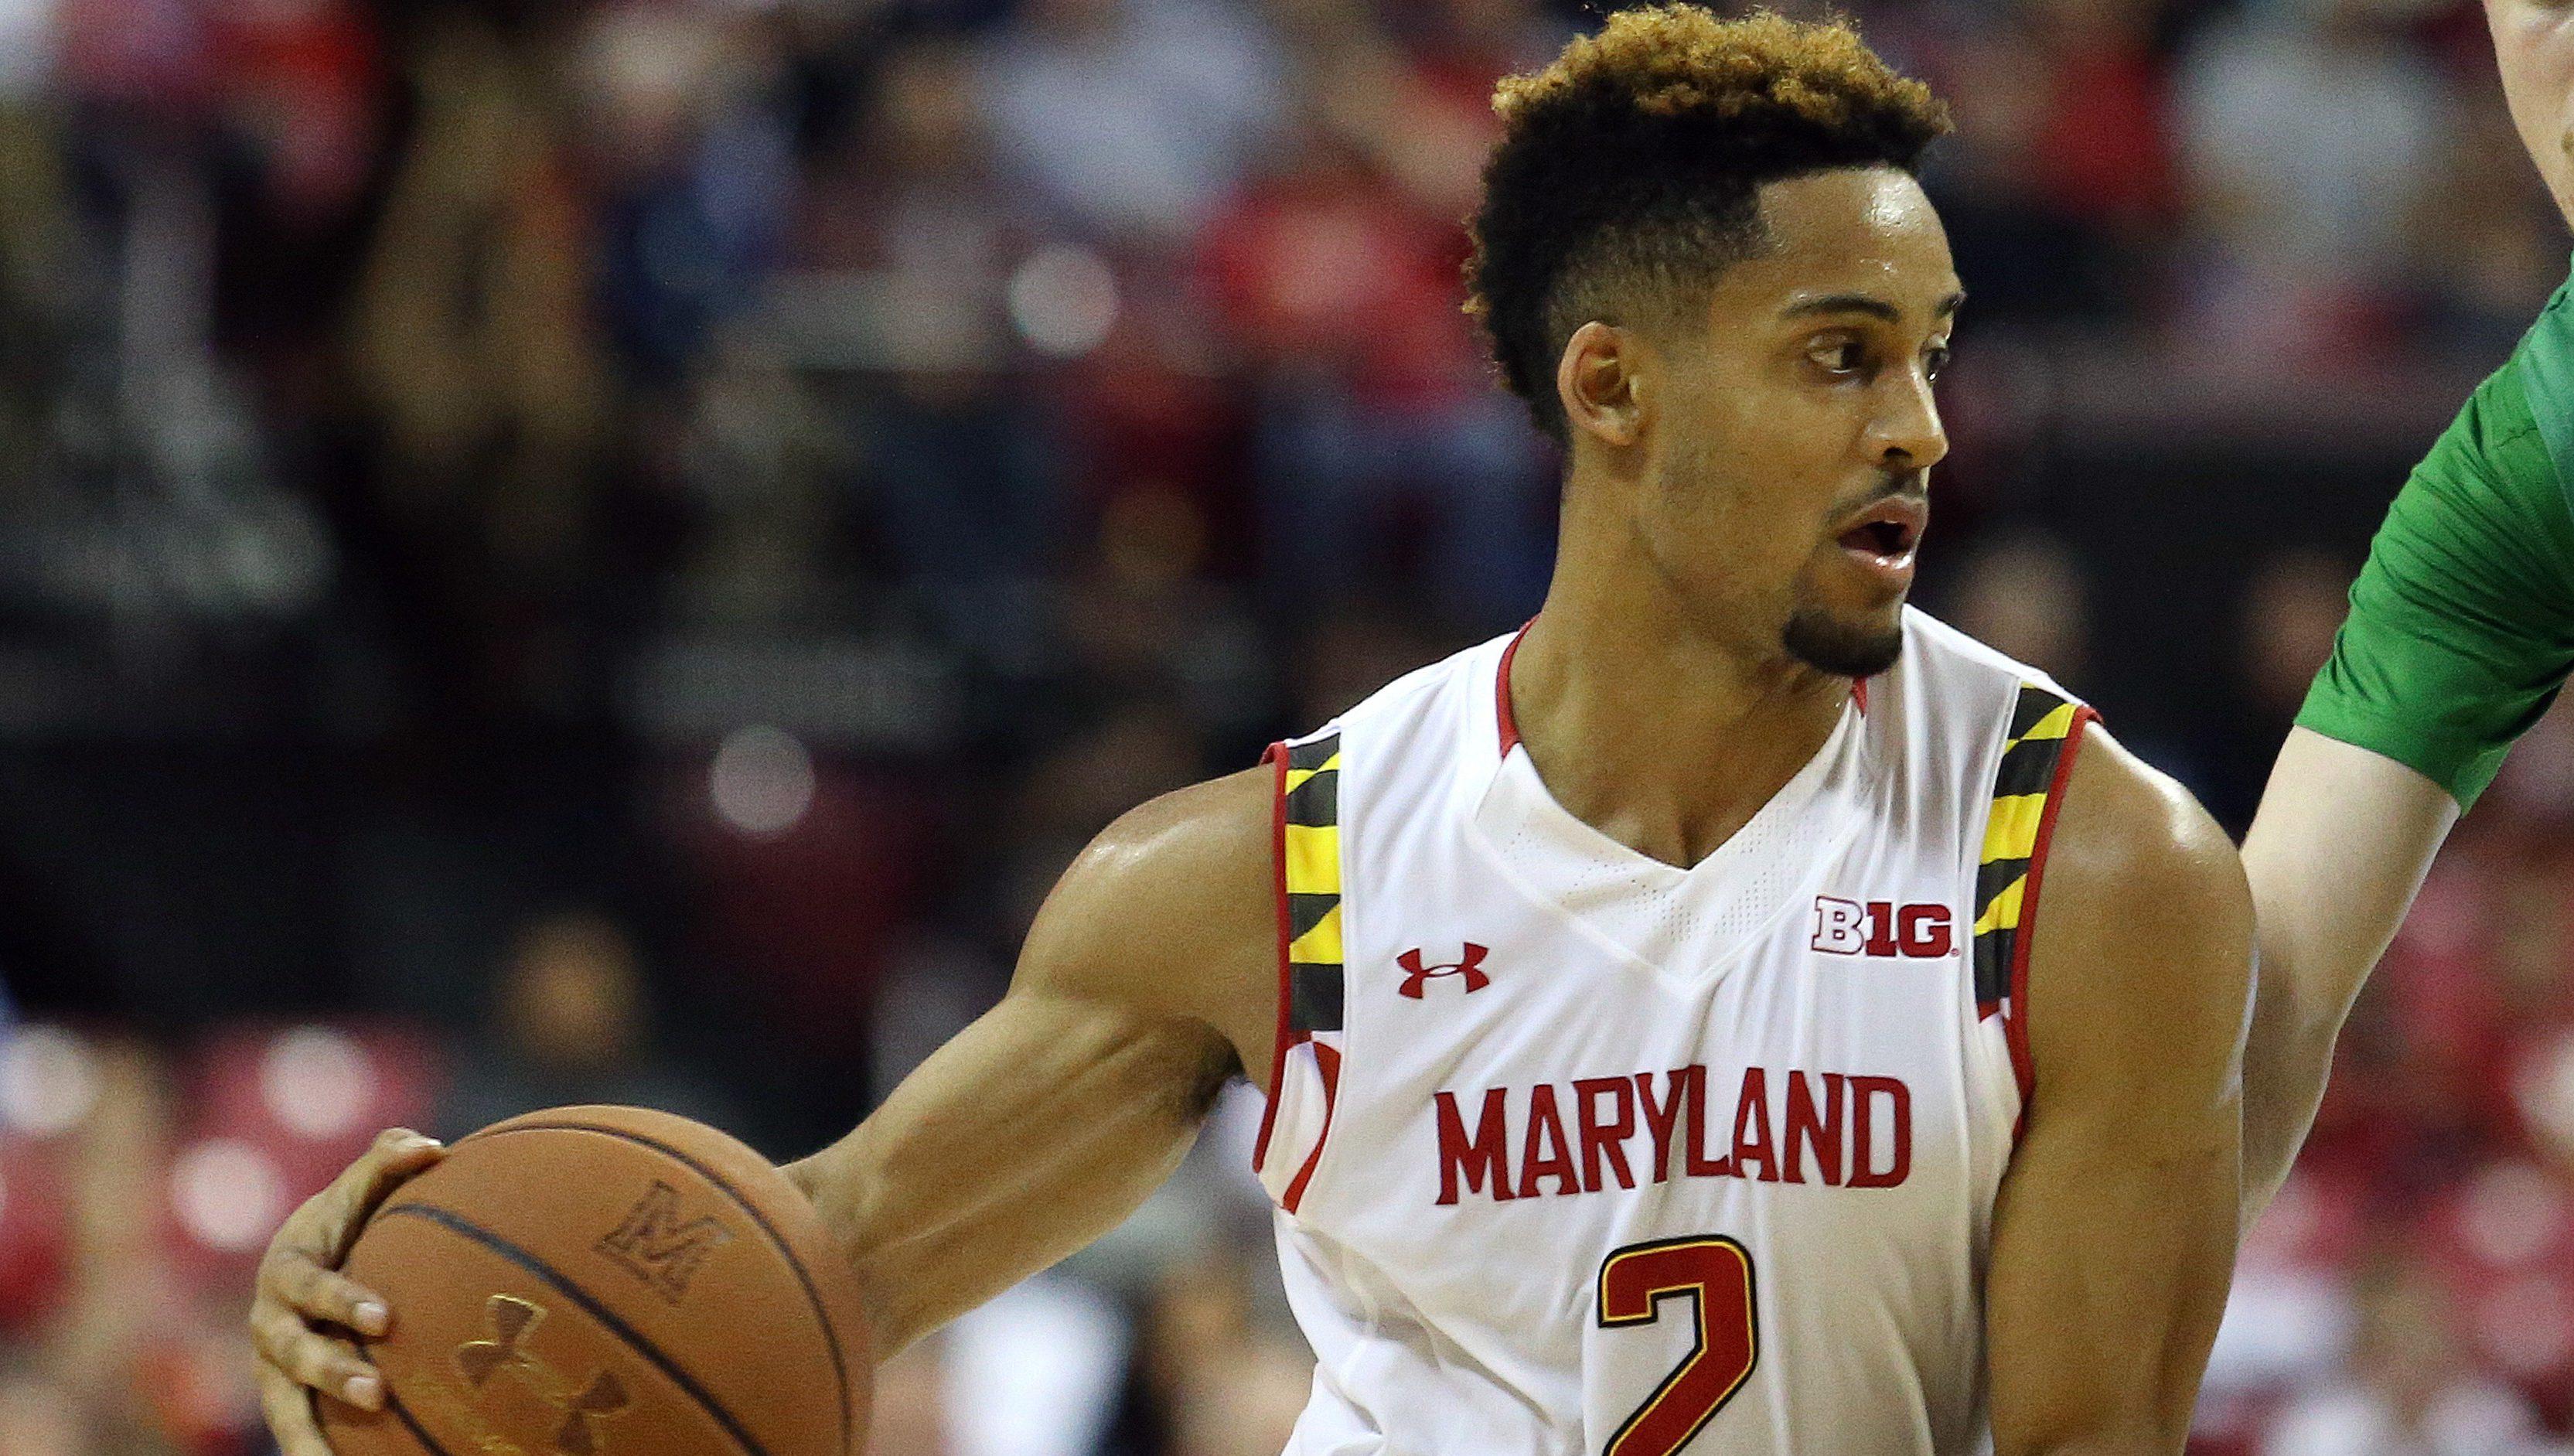 Maryland guard Melo Trimble (AP Photo/Matt Hazlett)